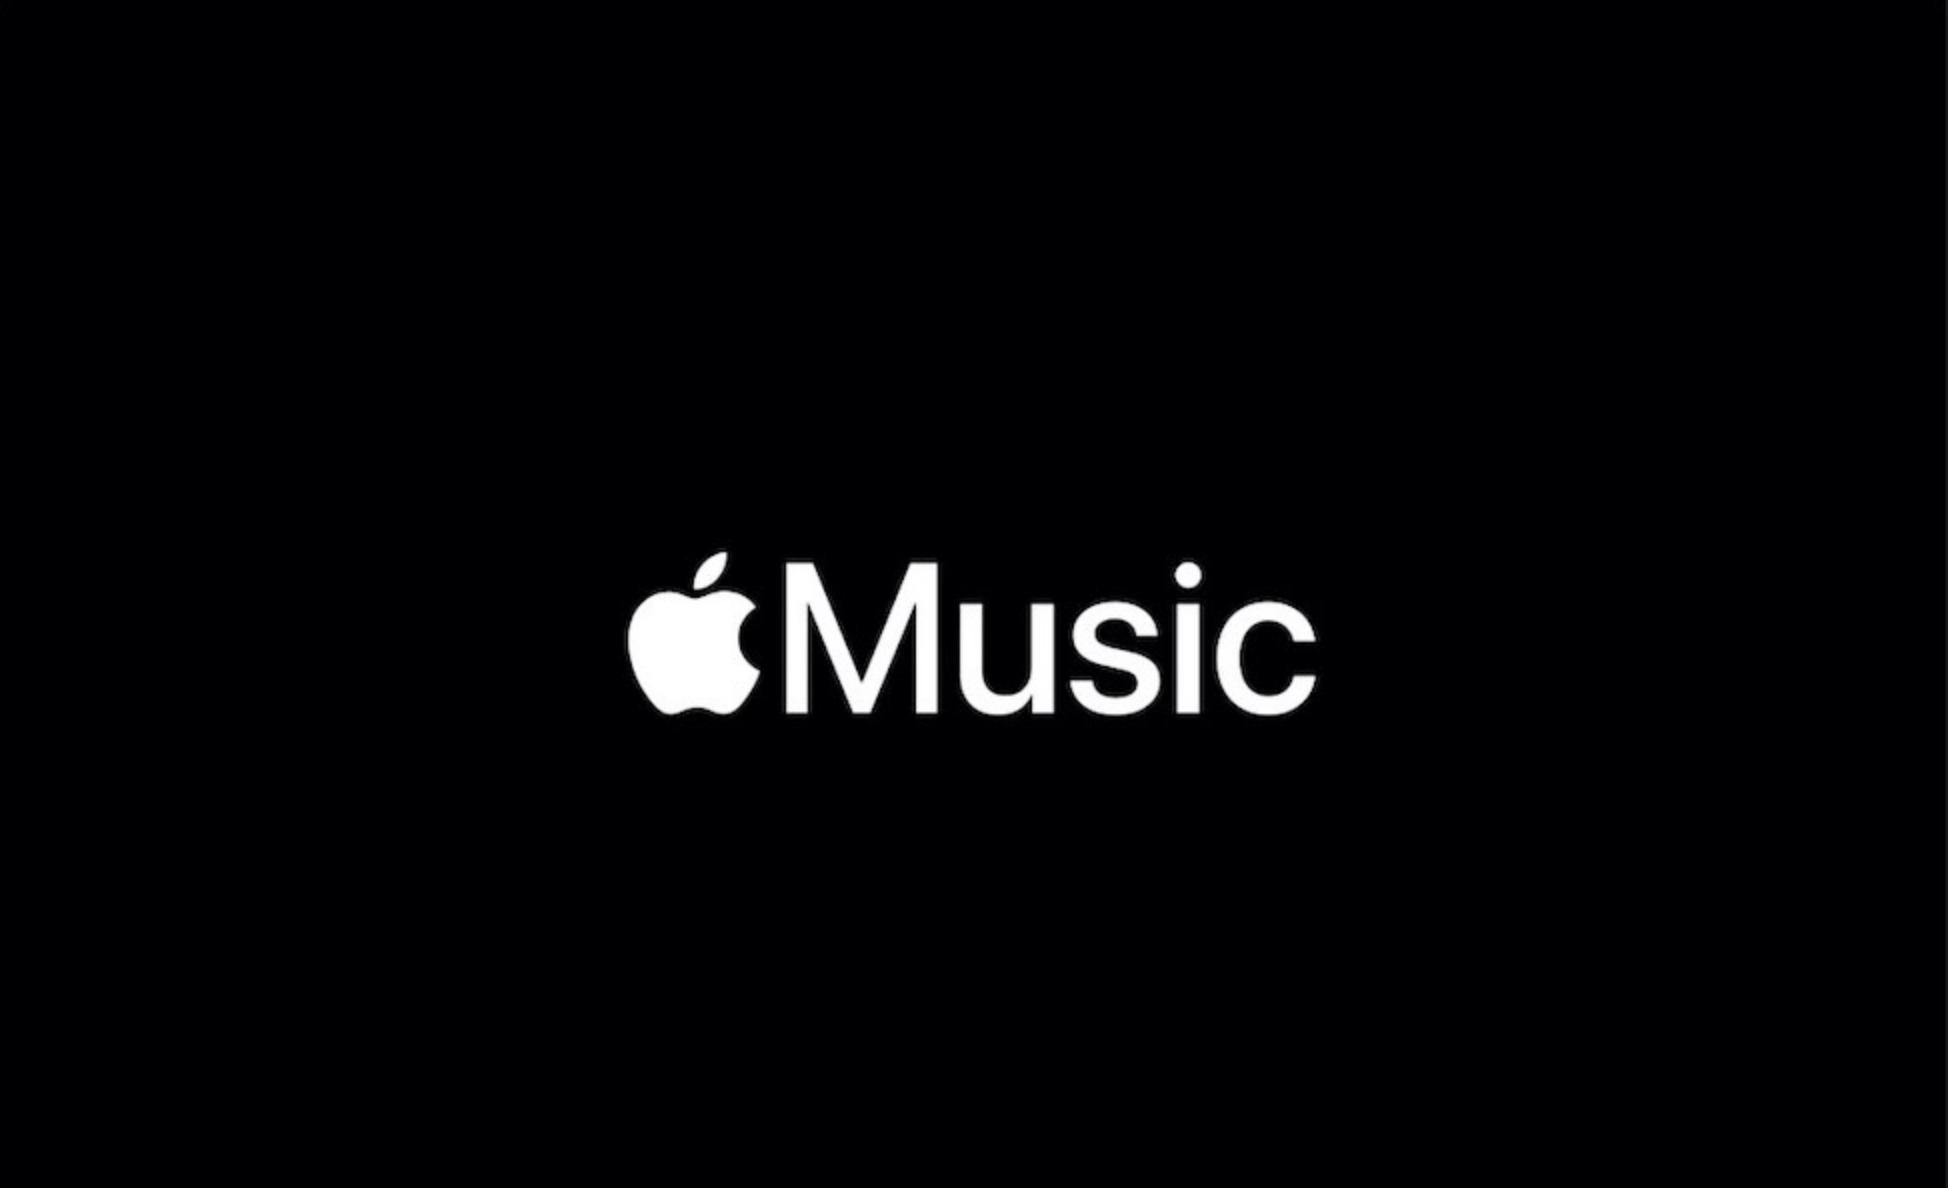 Apple Music : Apple annonce un changement radical pour la musique